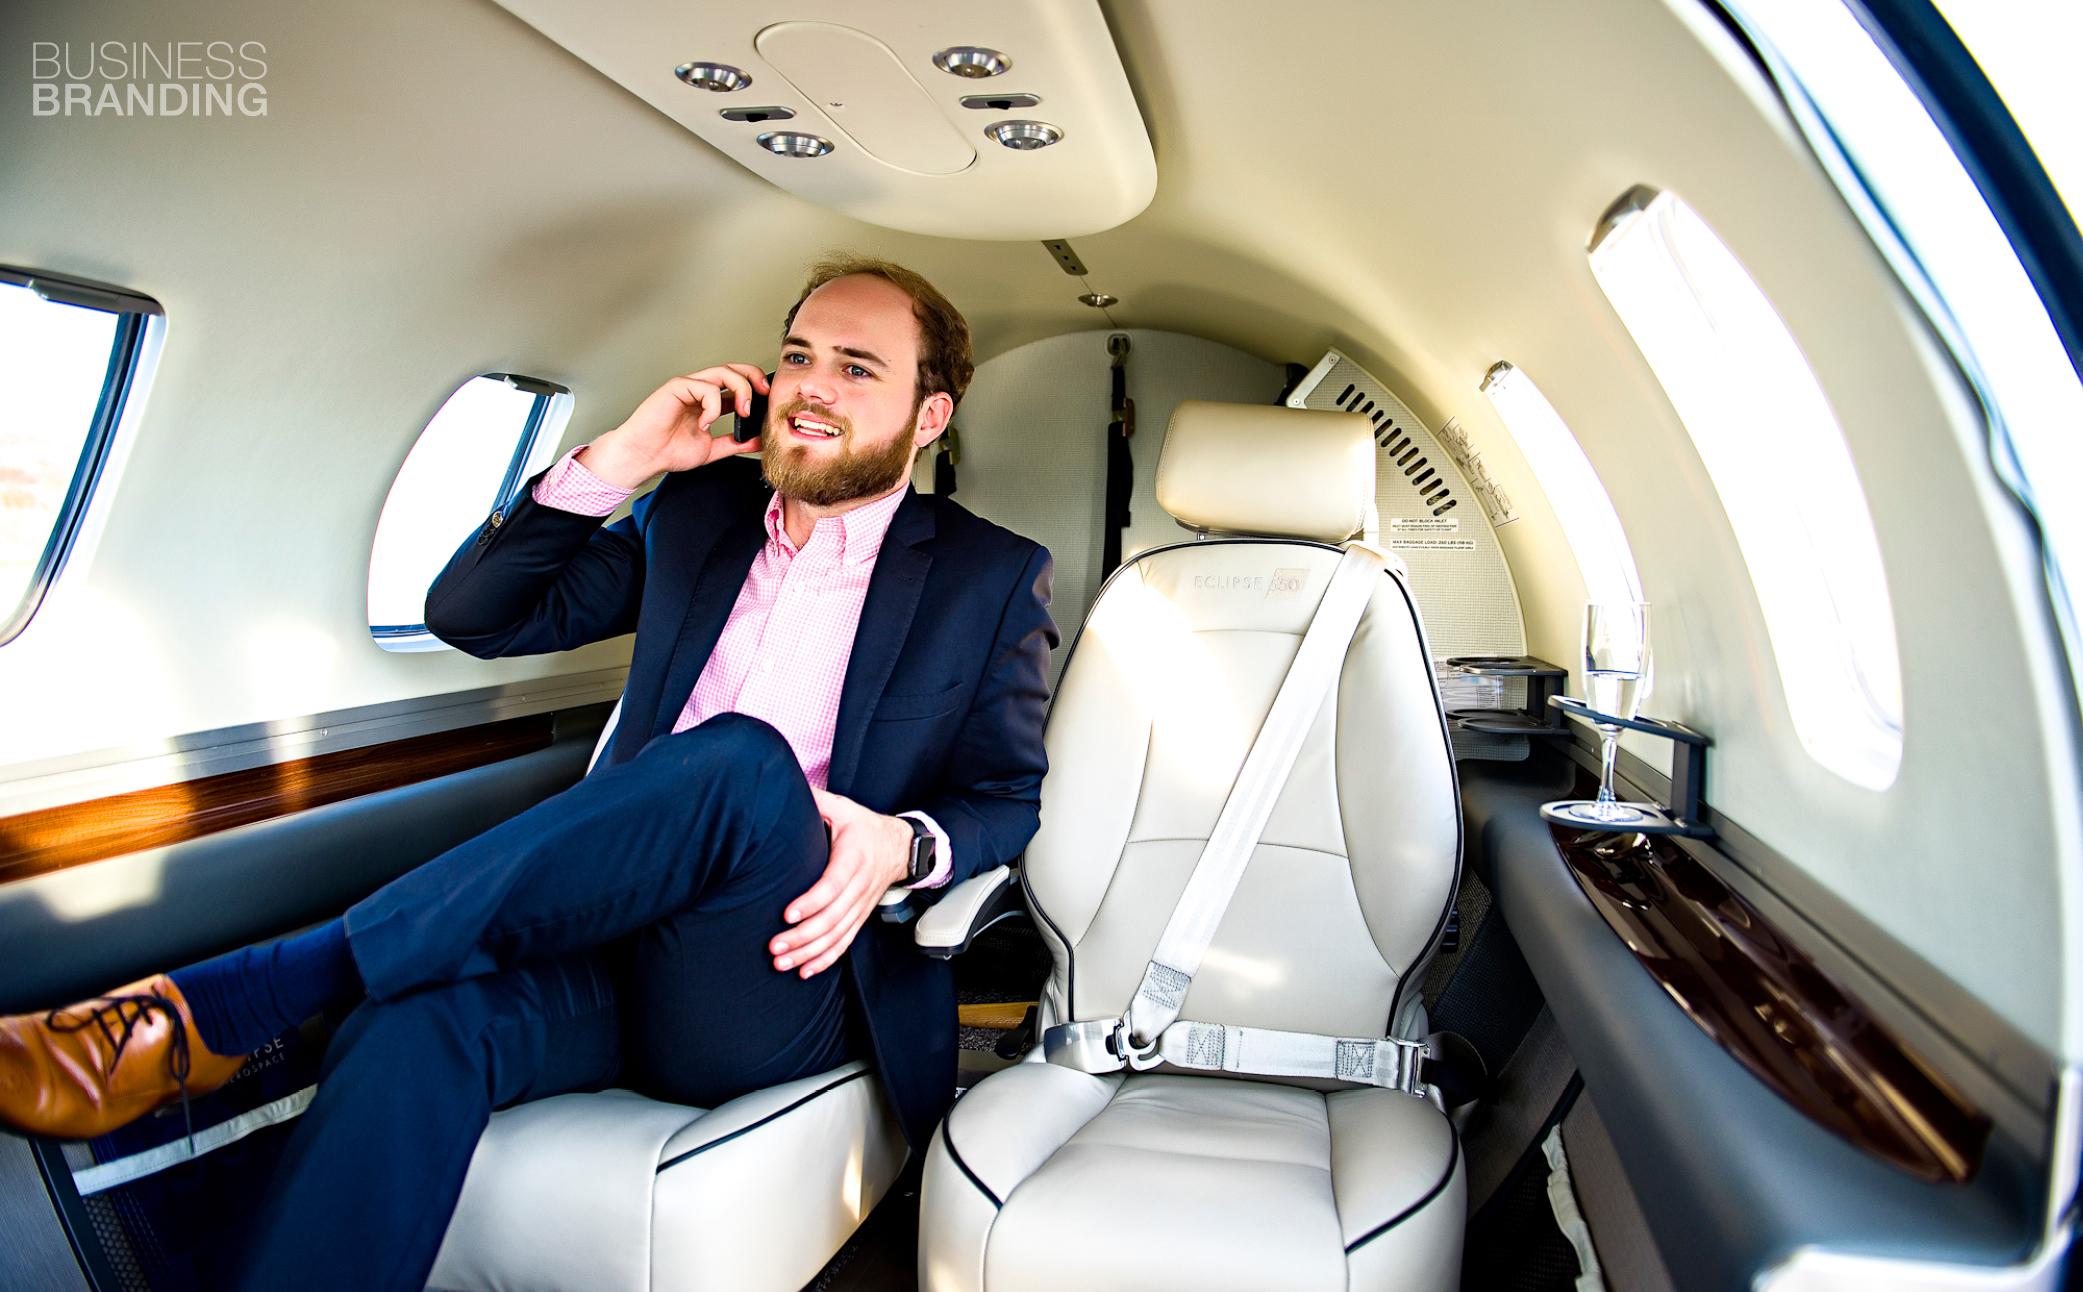 Hier sehen Sie einen erfolgreichen Geschäftsmann - Business Portraits - Business Branding FotografBerlin